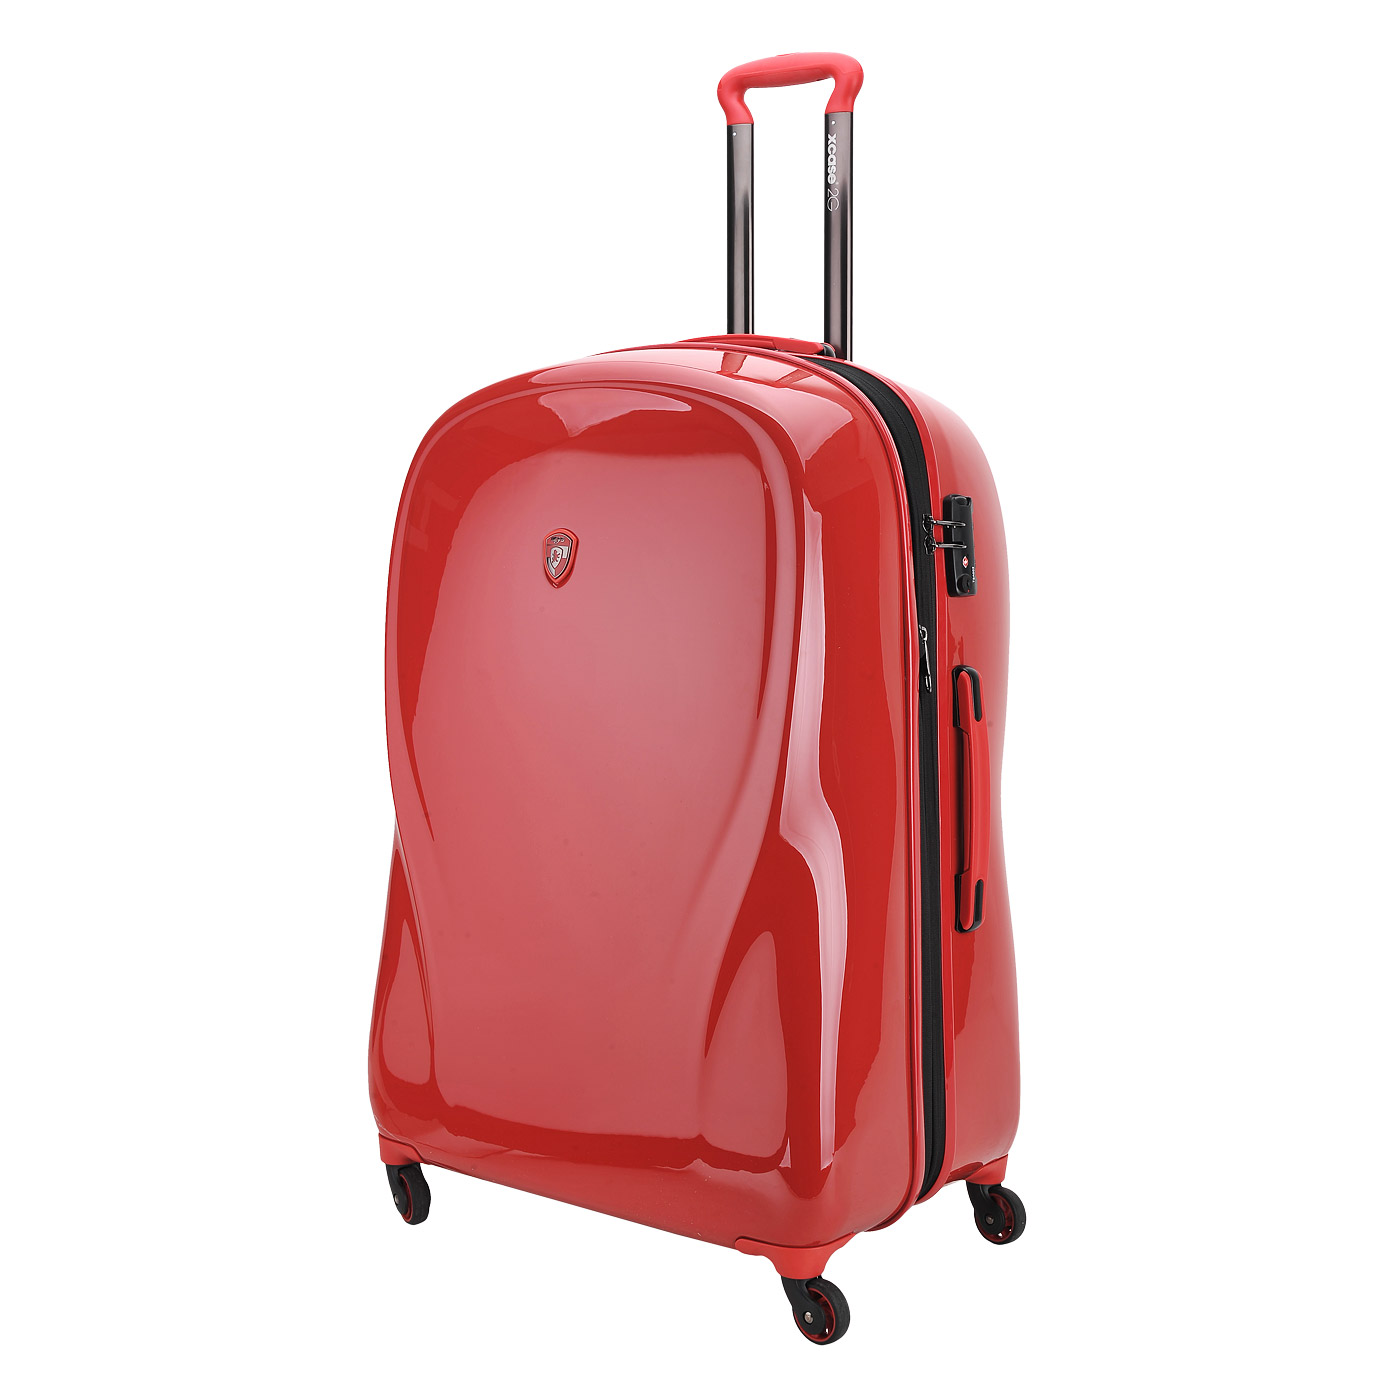 Купить стильный чемодан на колесах недорого в Москве интернет магазин